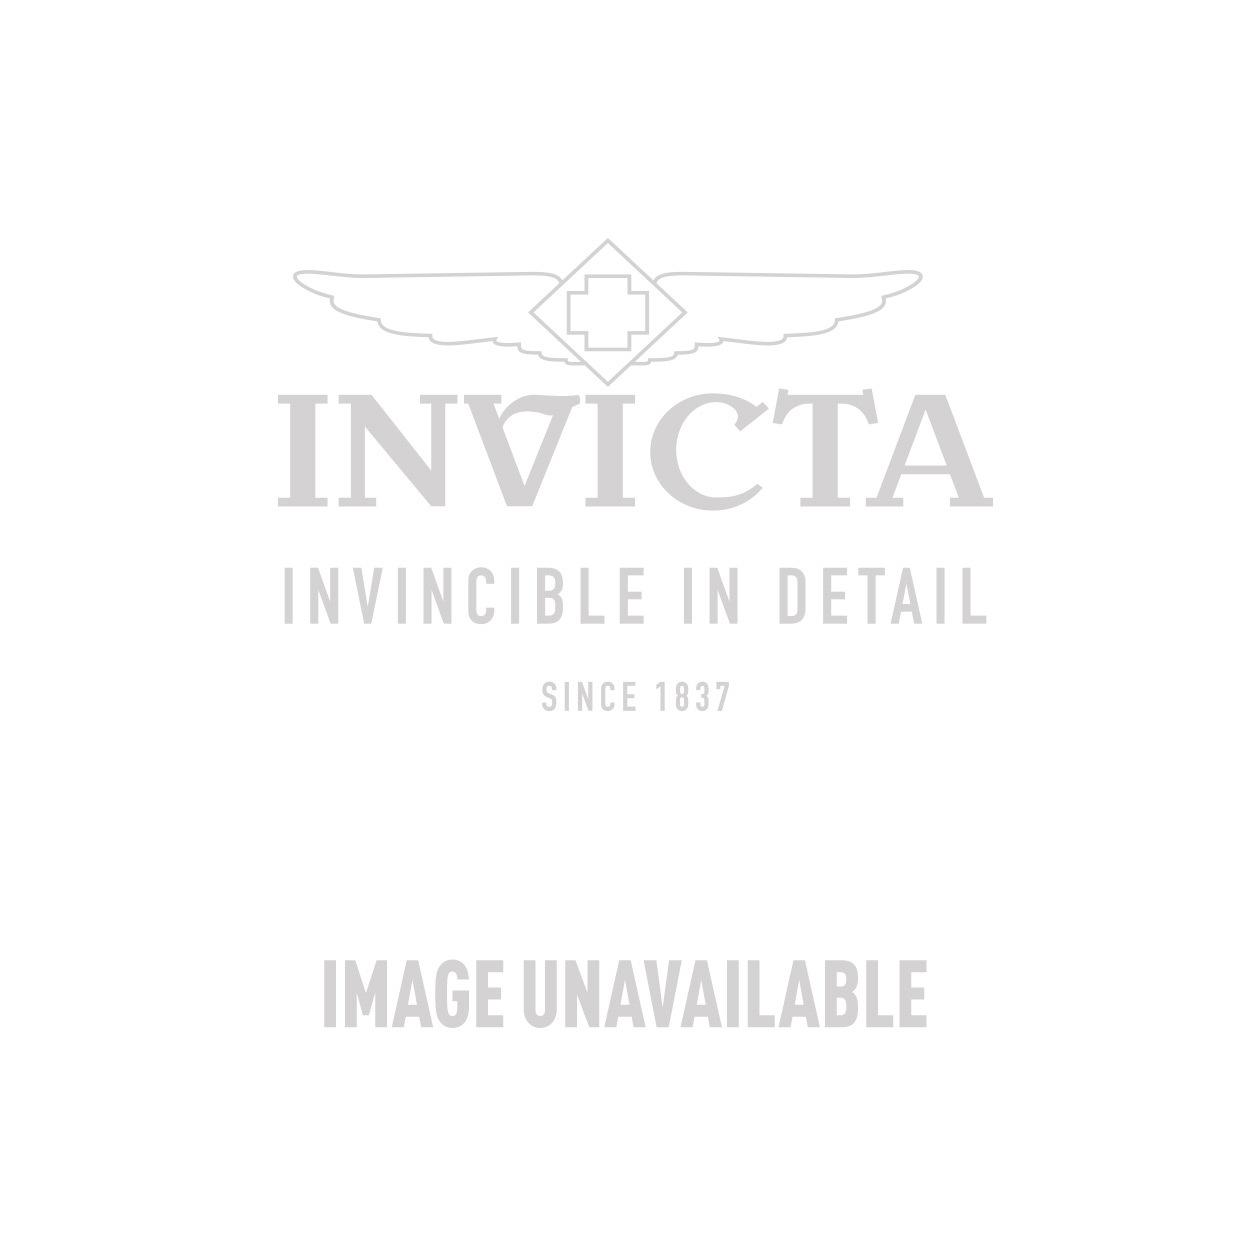 Invicta Model  25416